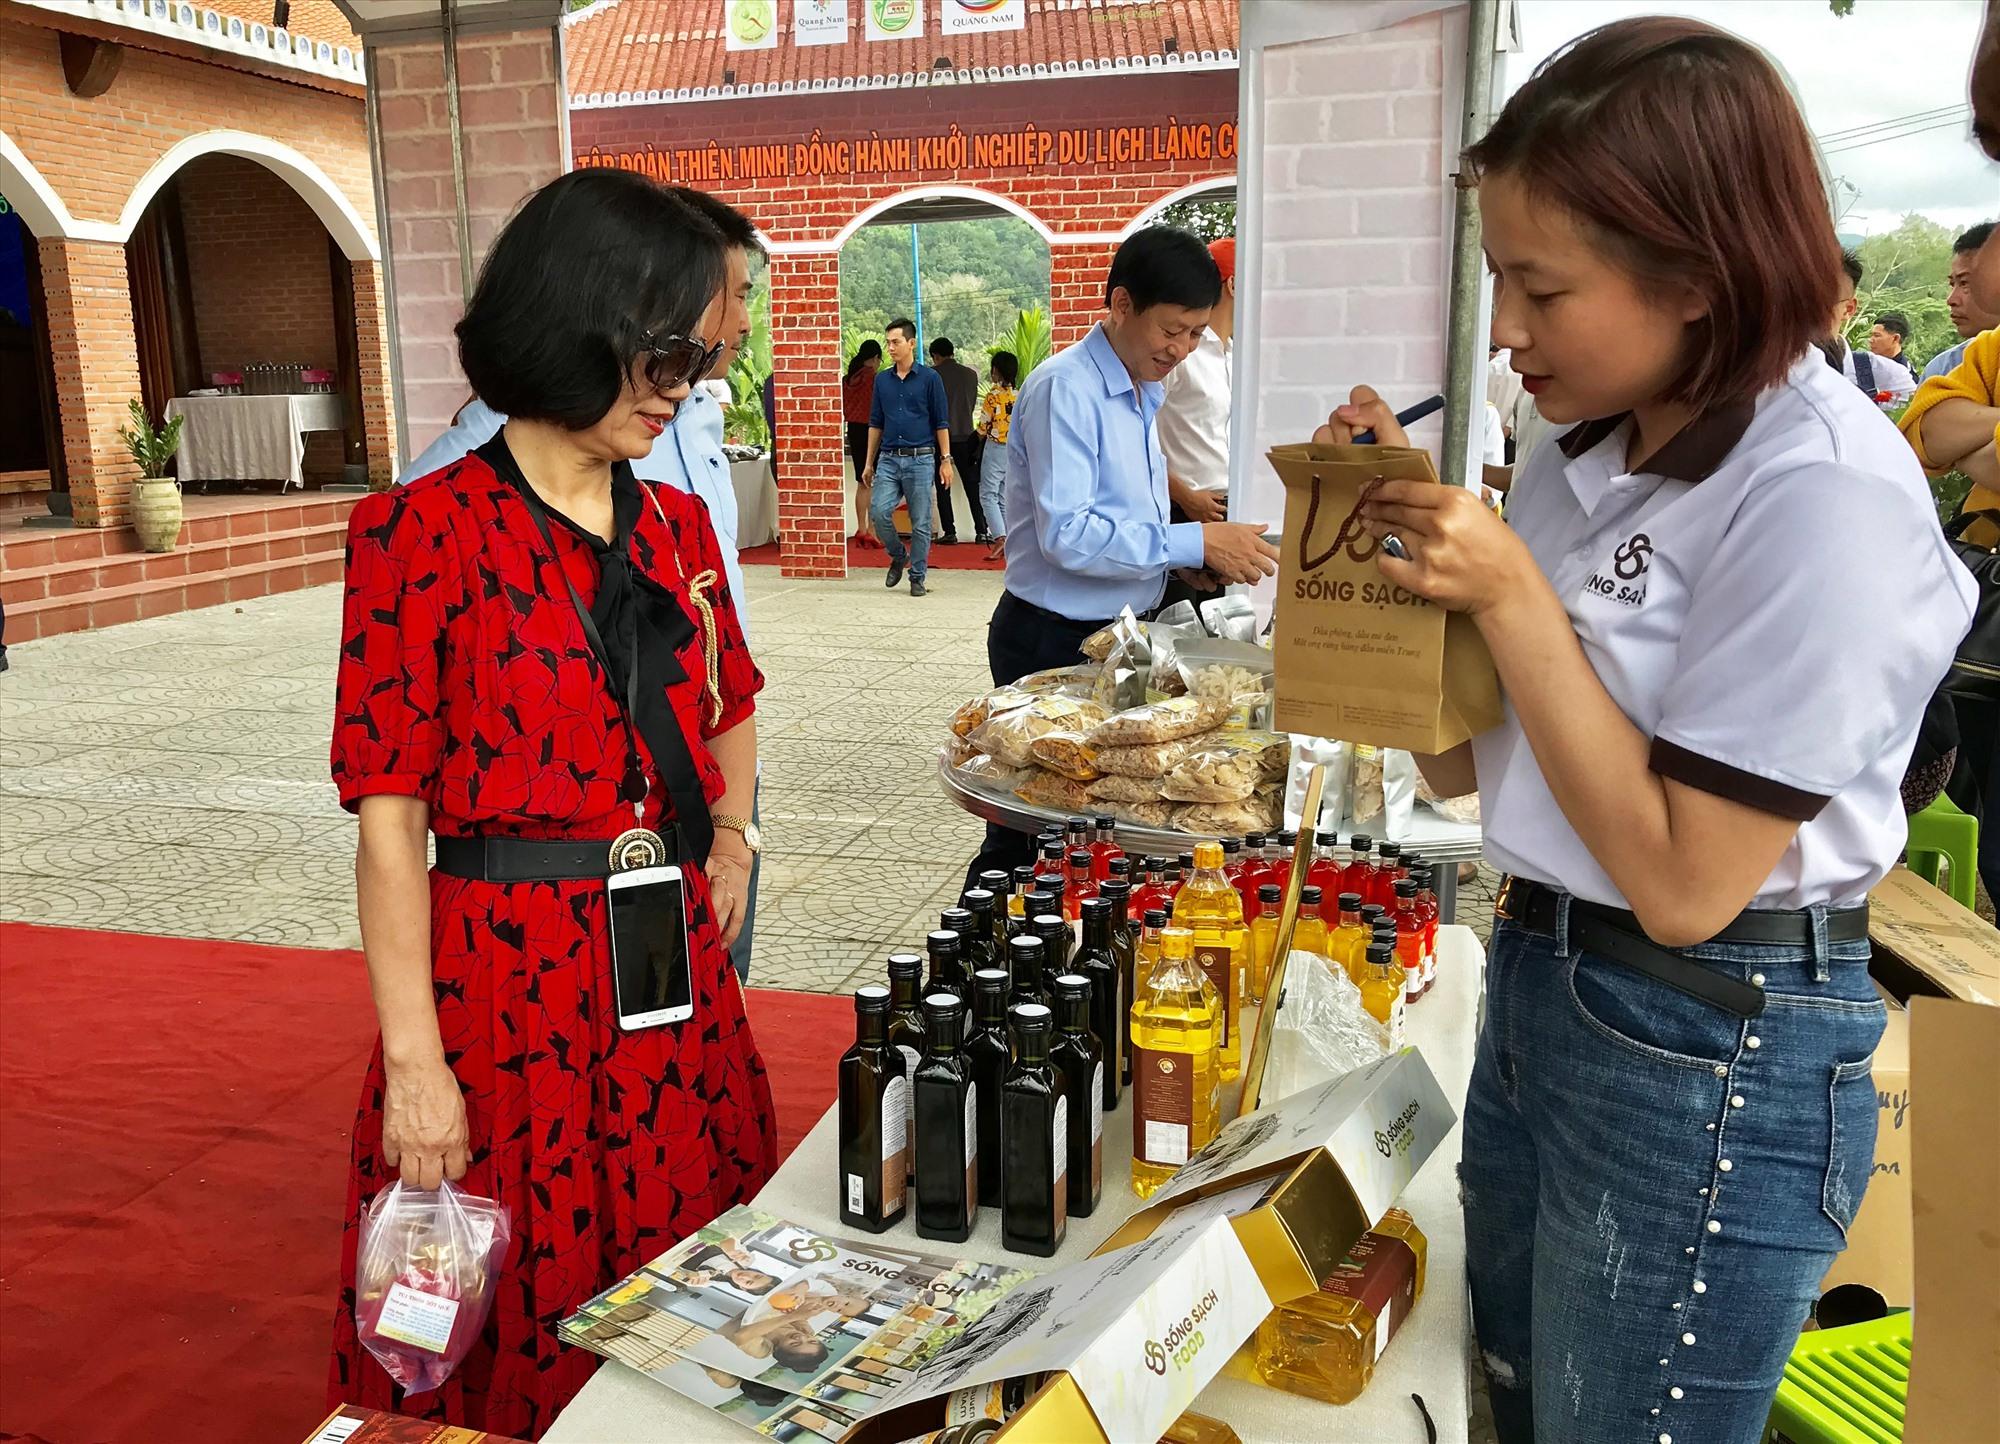 Cần thêm nhiều sản phẩm sáng tạo mang đặc trưng bản địa để thúc đẩy ngành du lịch Quảng Nam. Ảnh: Q.T